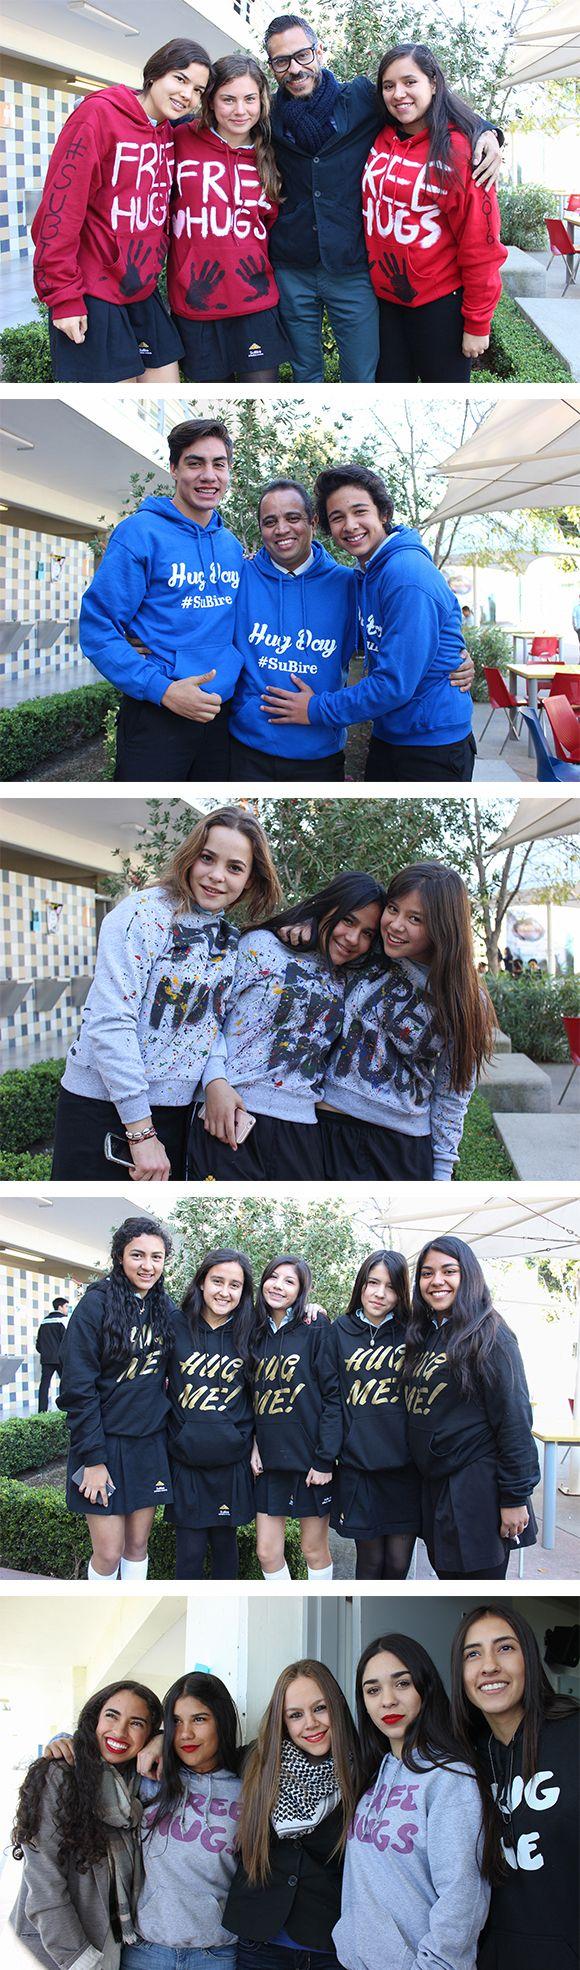 Diseños de sudaderas - Hug Day